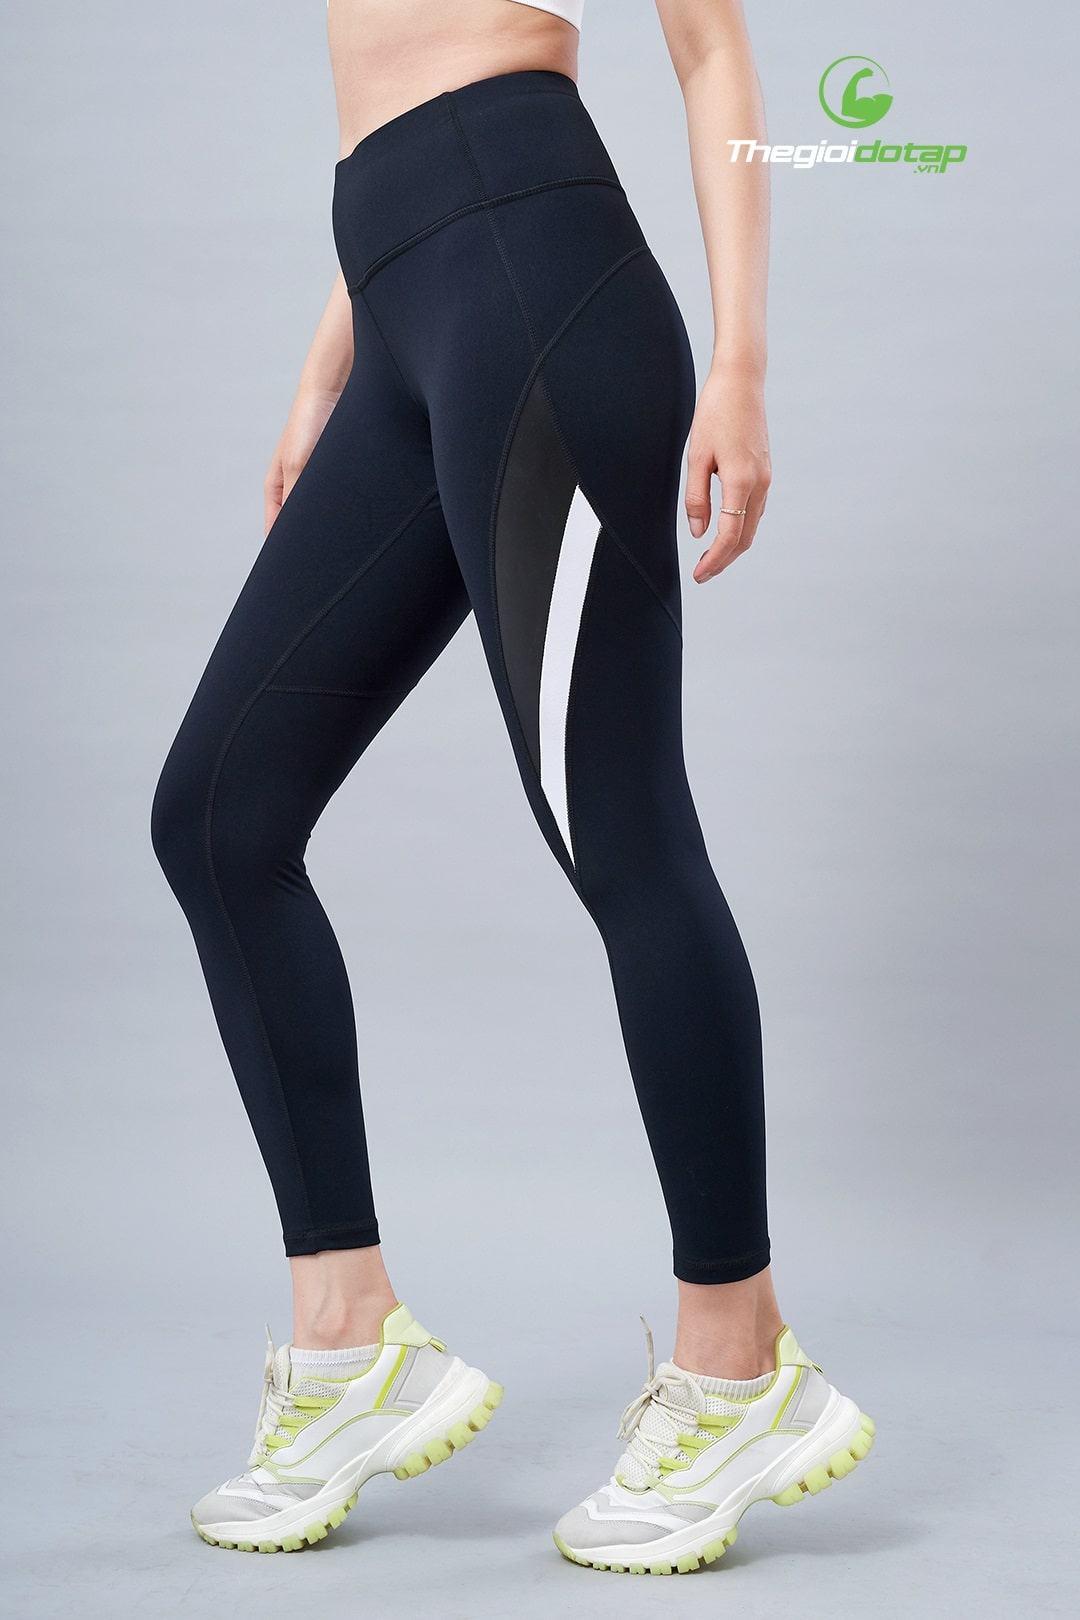 Quần legging tập gym nữ đẹp